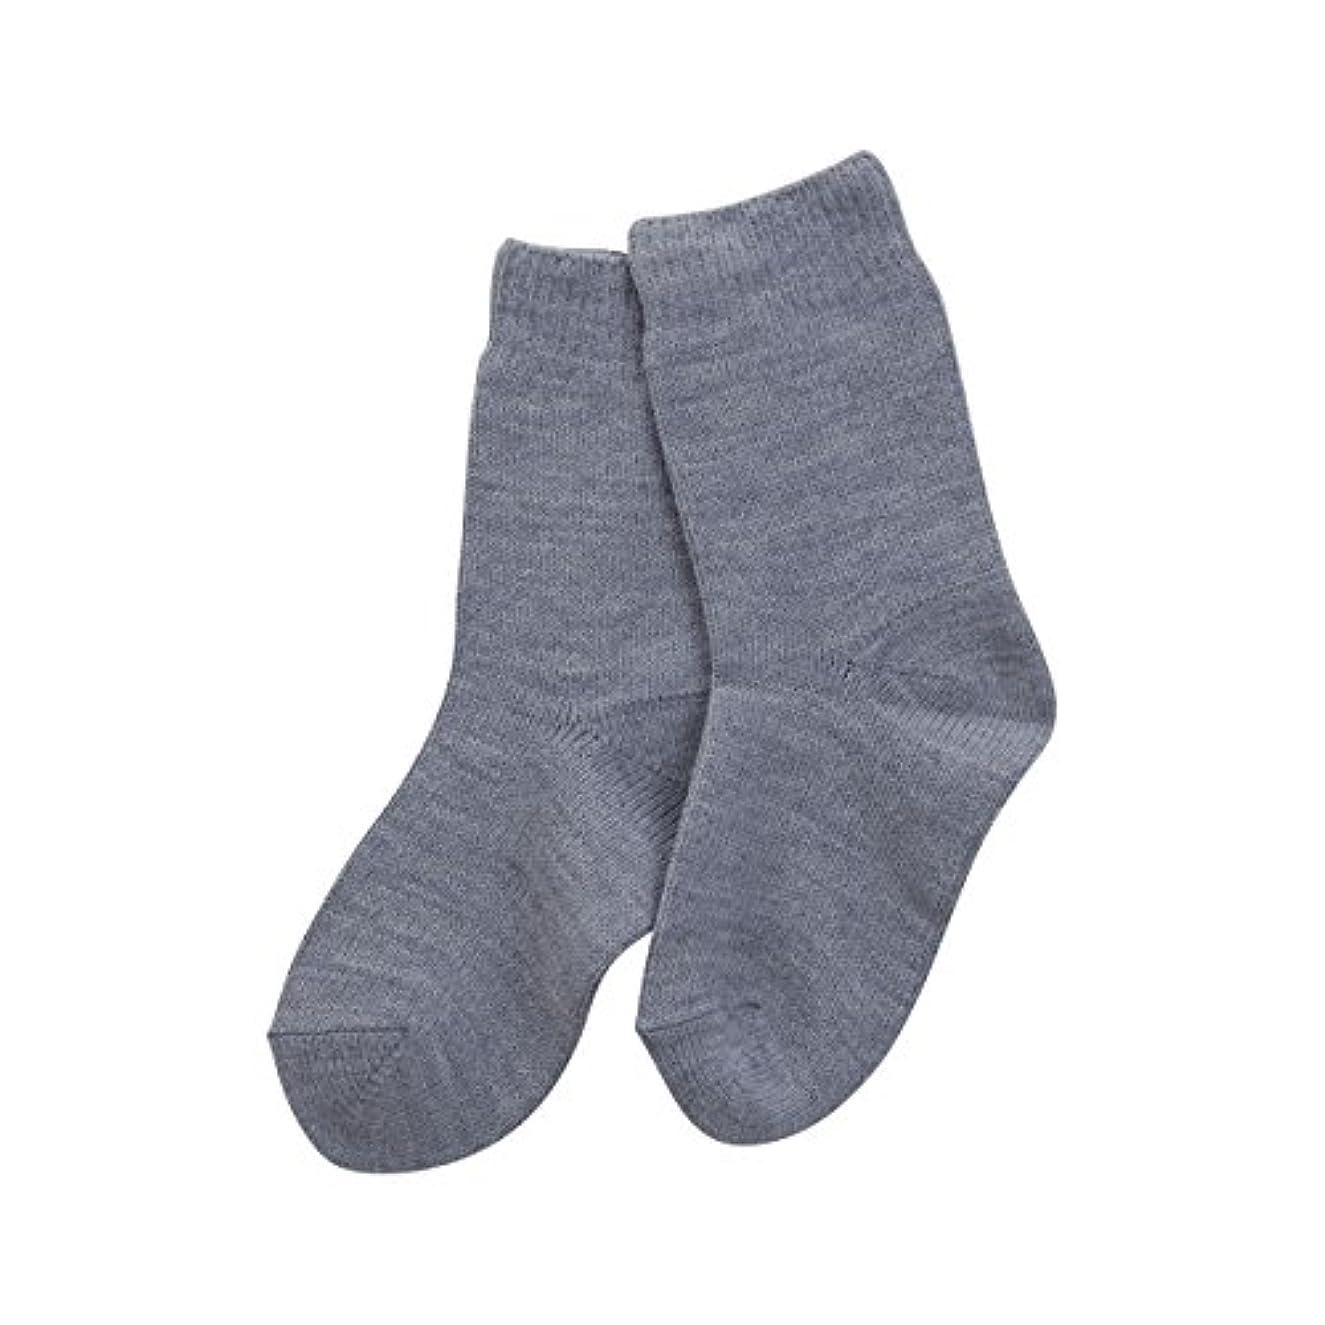 製造業宅配便ポーン(コベス) KOBES ゴムなし 毛混 超ゆったり特大サイズ 大きいサイズ 靴下 日本製 婦人靴下